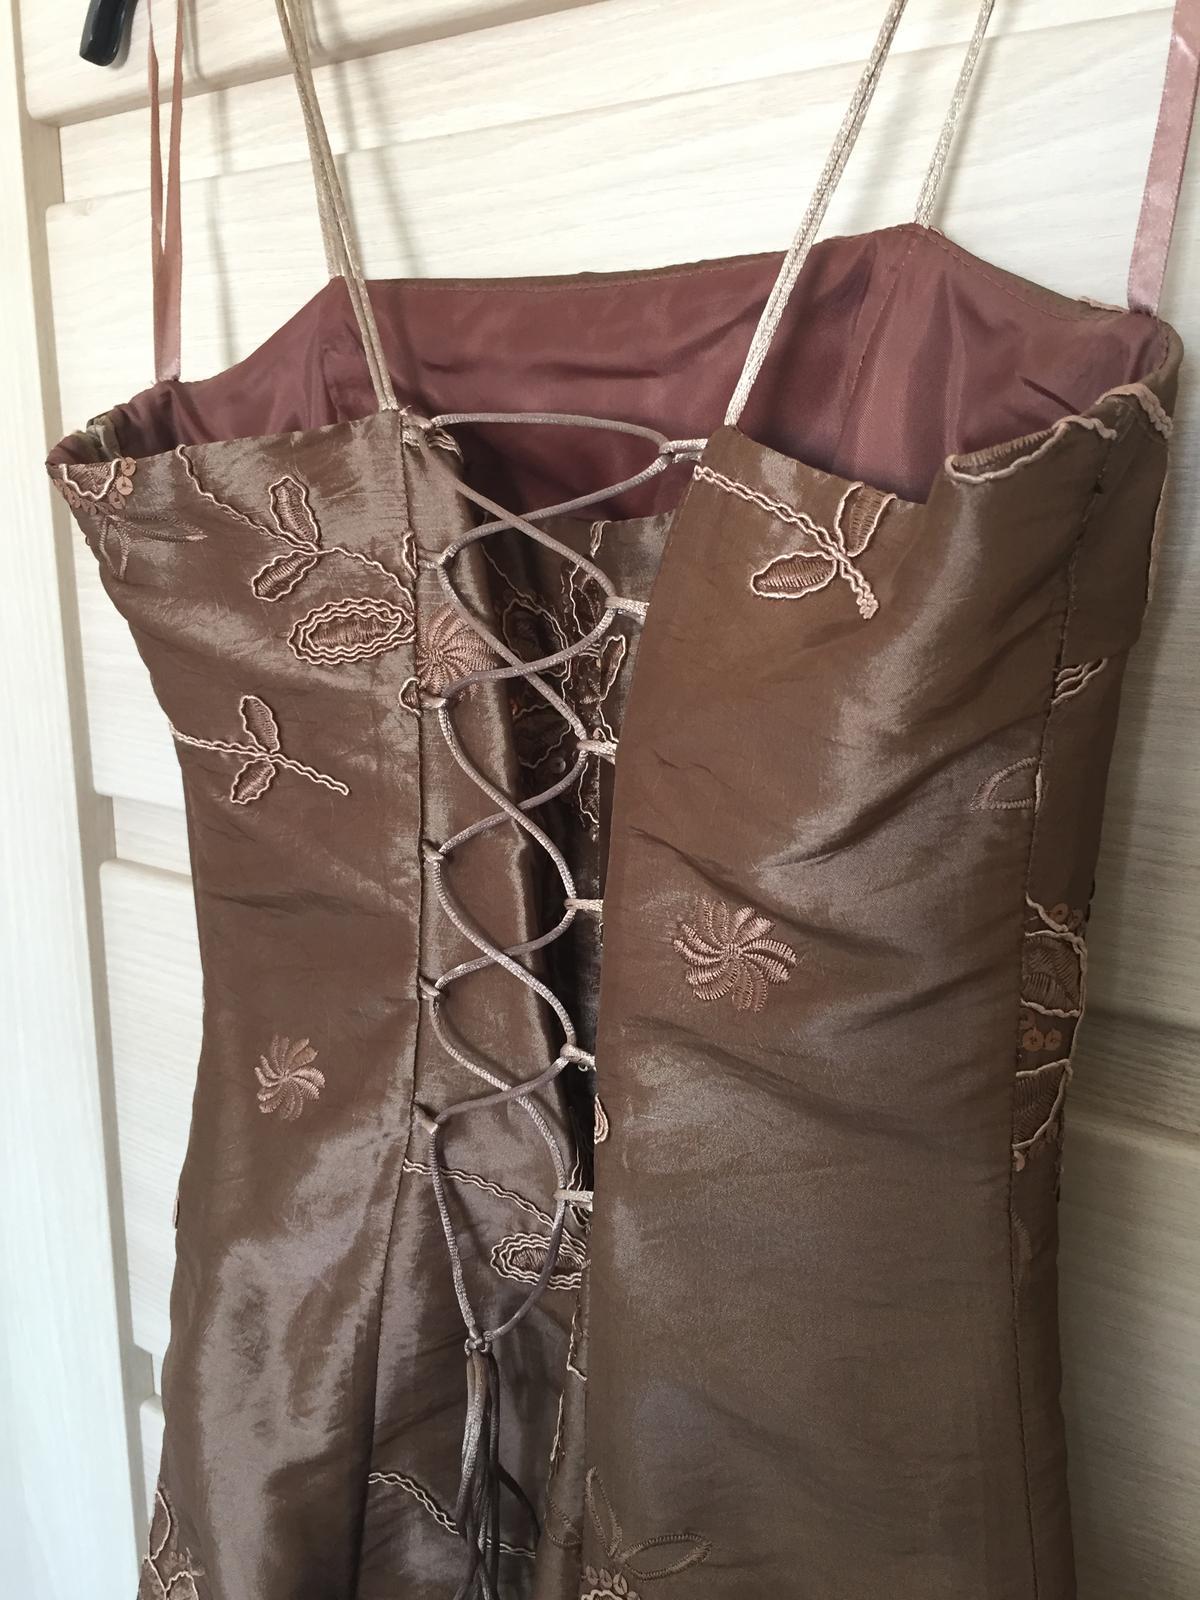 Spoločenské šaty s bolerkom, veľ. 36 - Obrázok č. 4